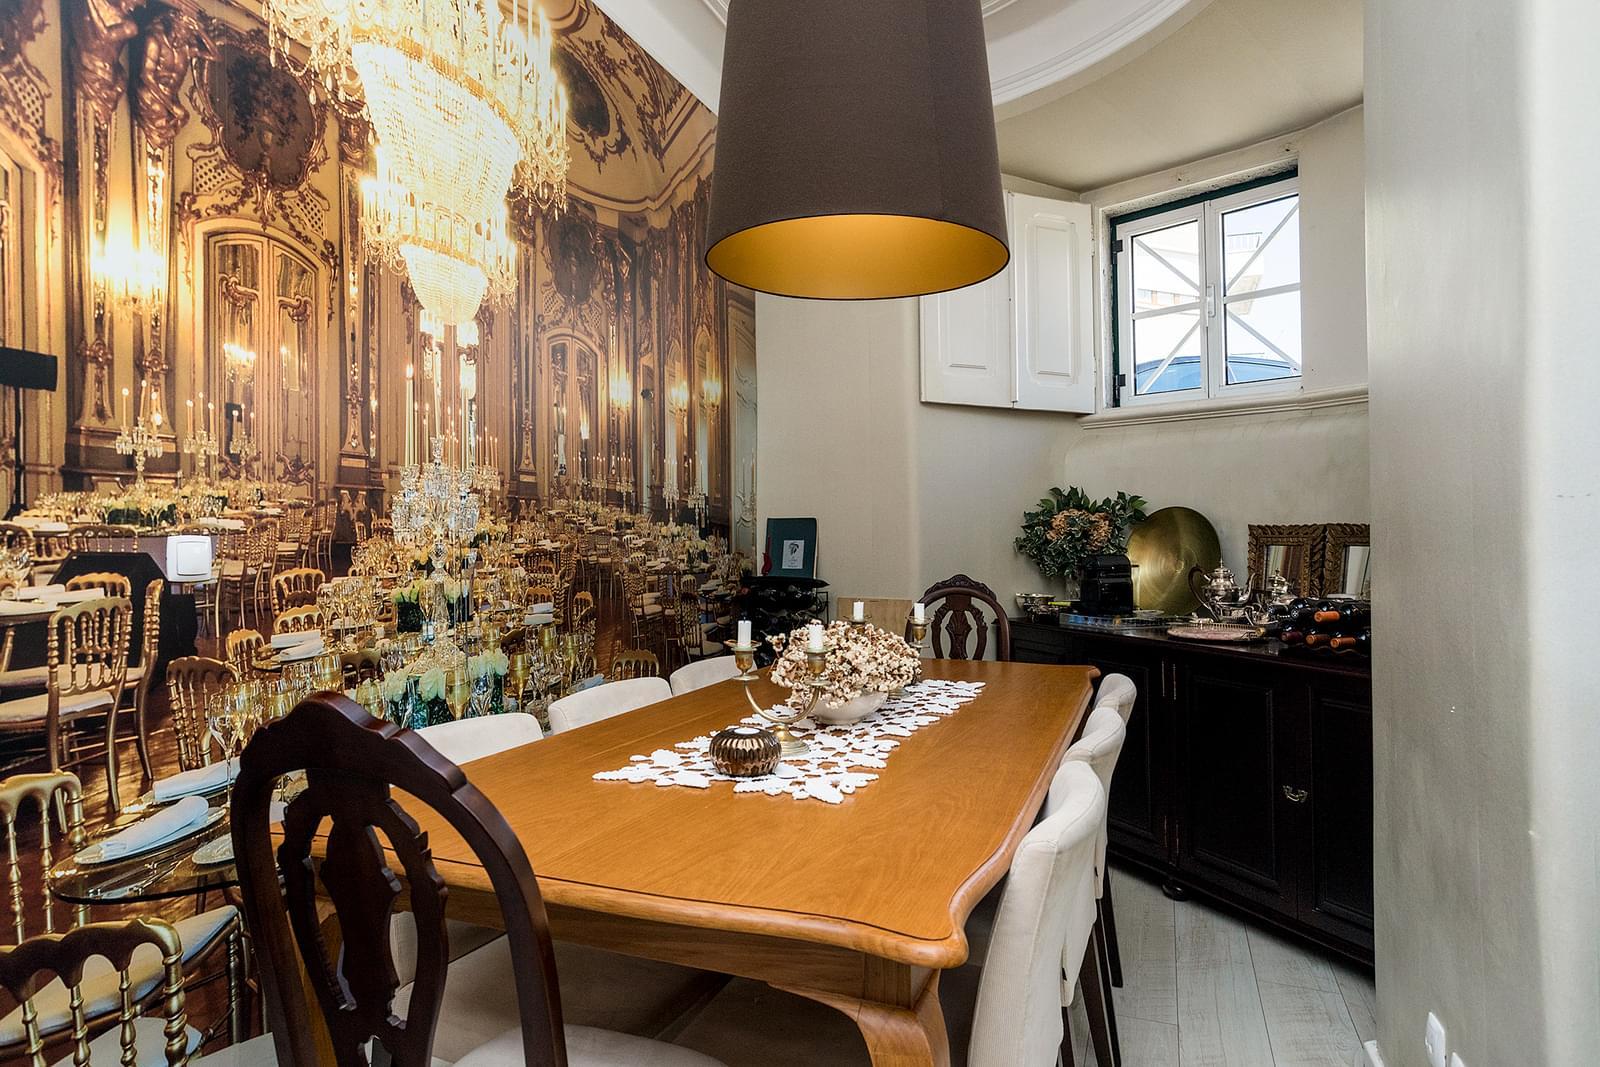 pf17379-apartamento-t3-lisboa-89d0ea33-bb47-4373-864c-d90038fc3827